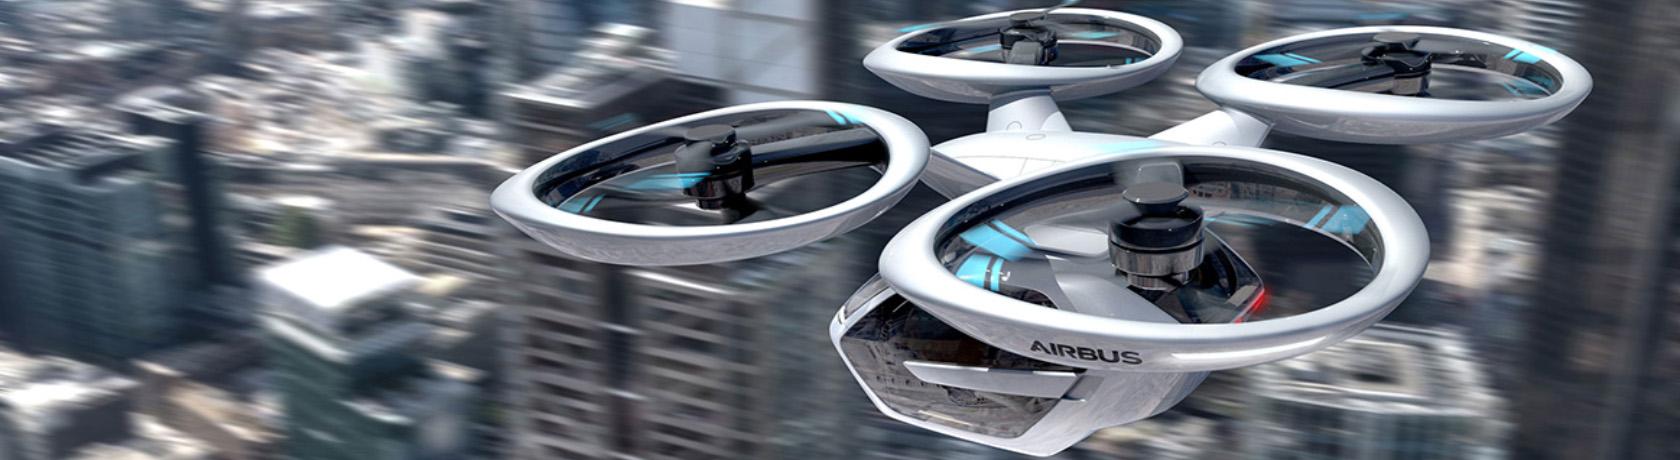 Auto volanti, treni superveloci e razzi per Marte. Ecco il futuro dei trasporti